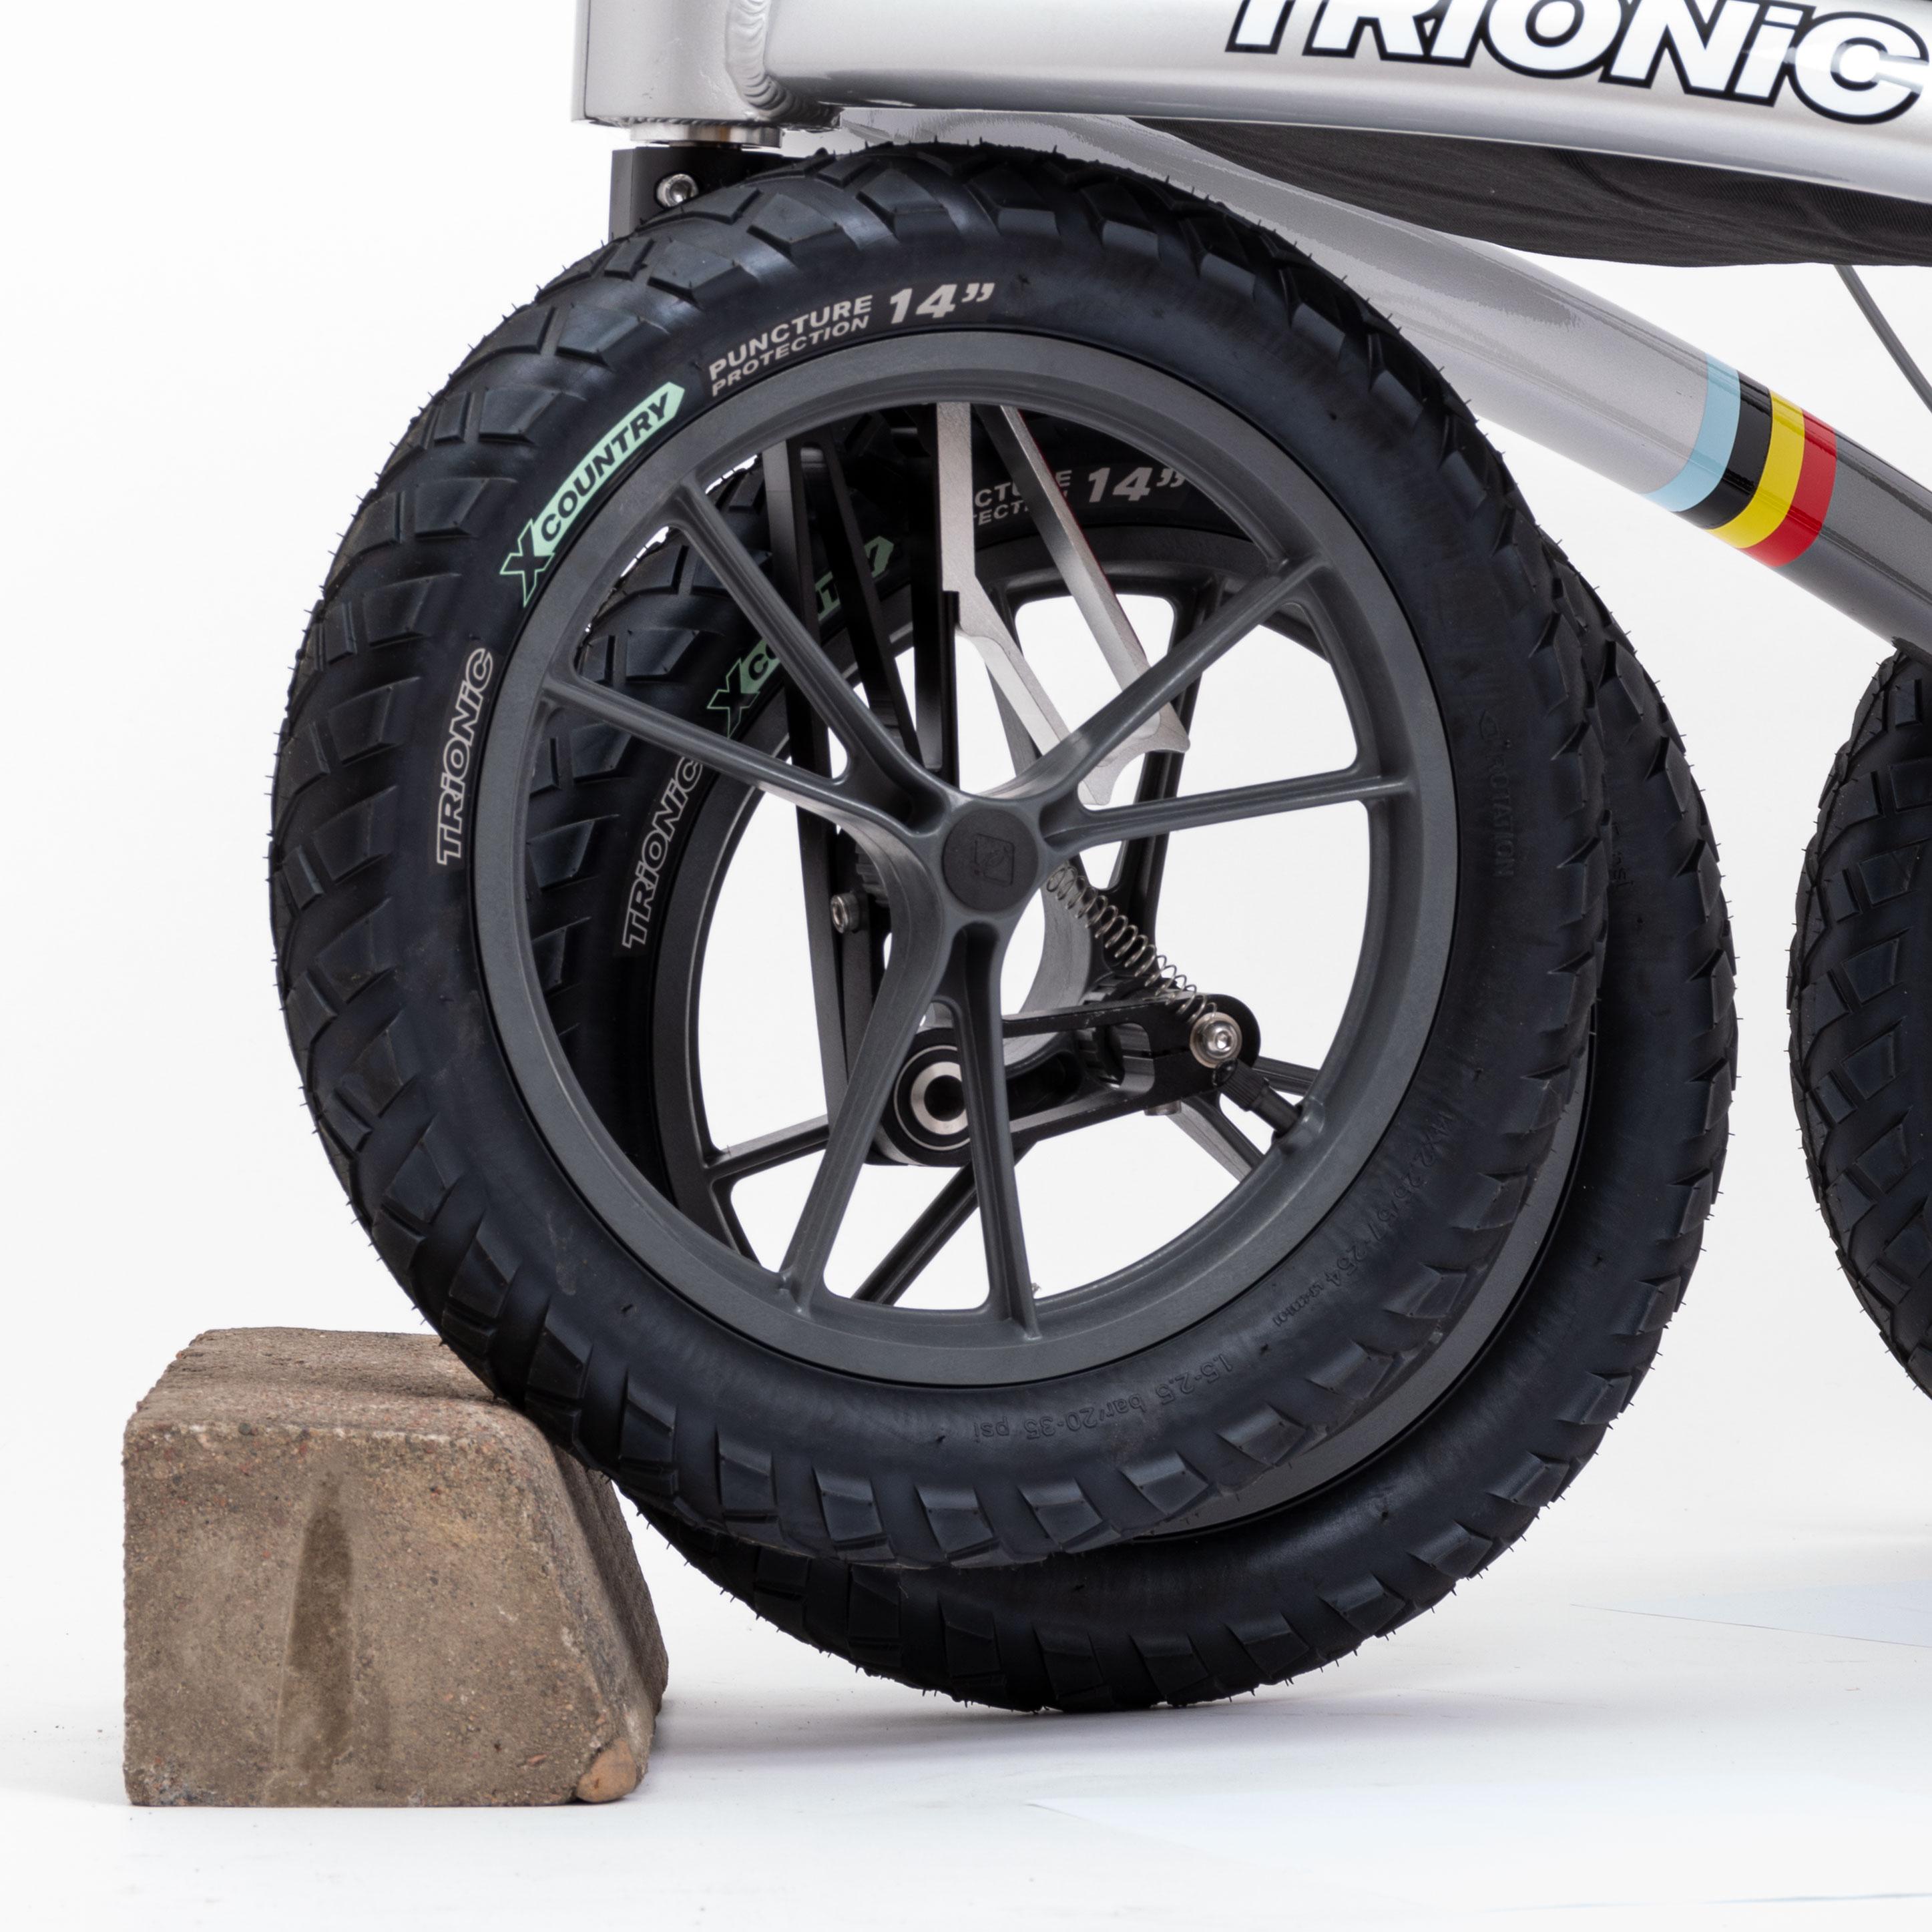 La roue grimpante Trionic